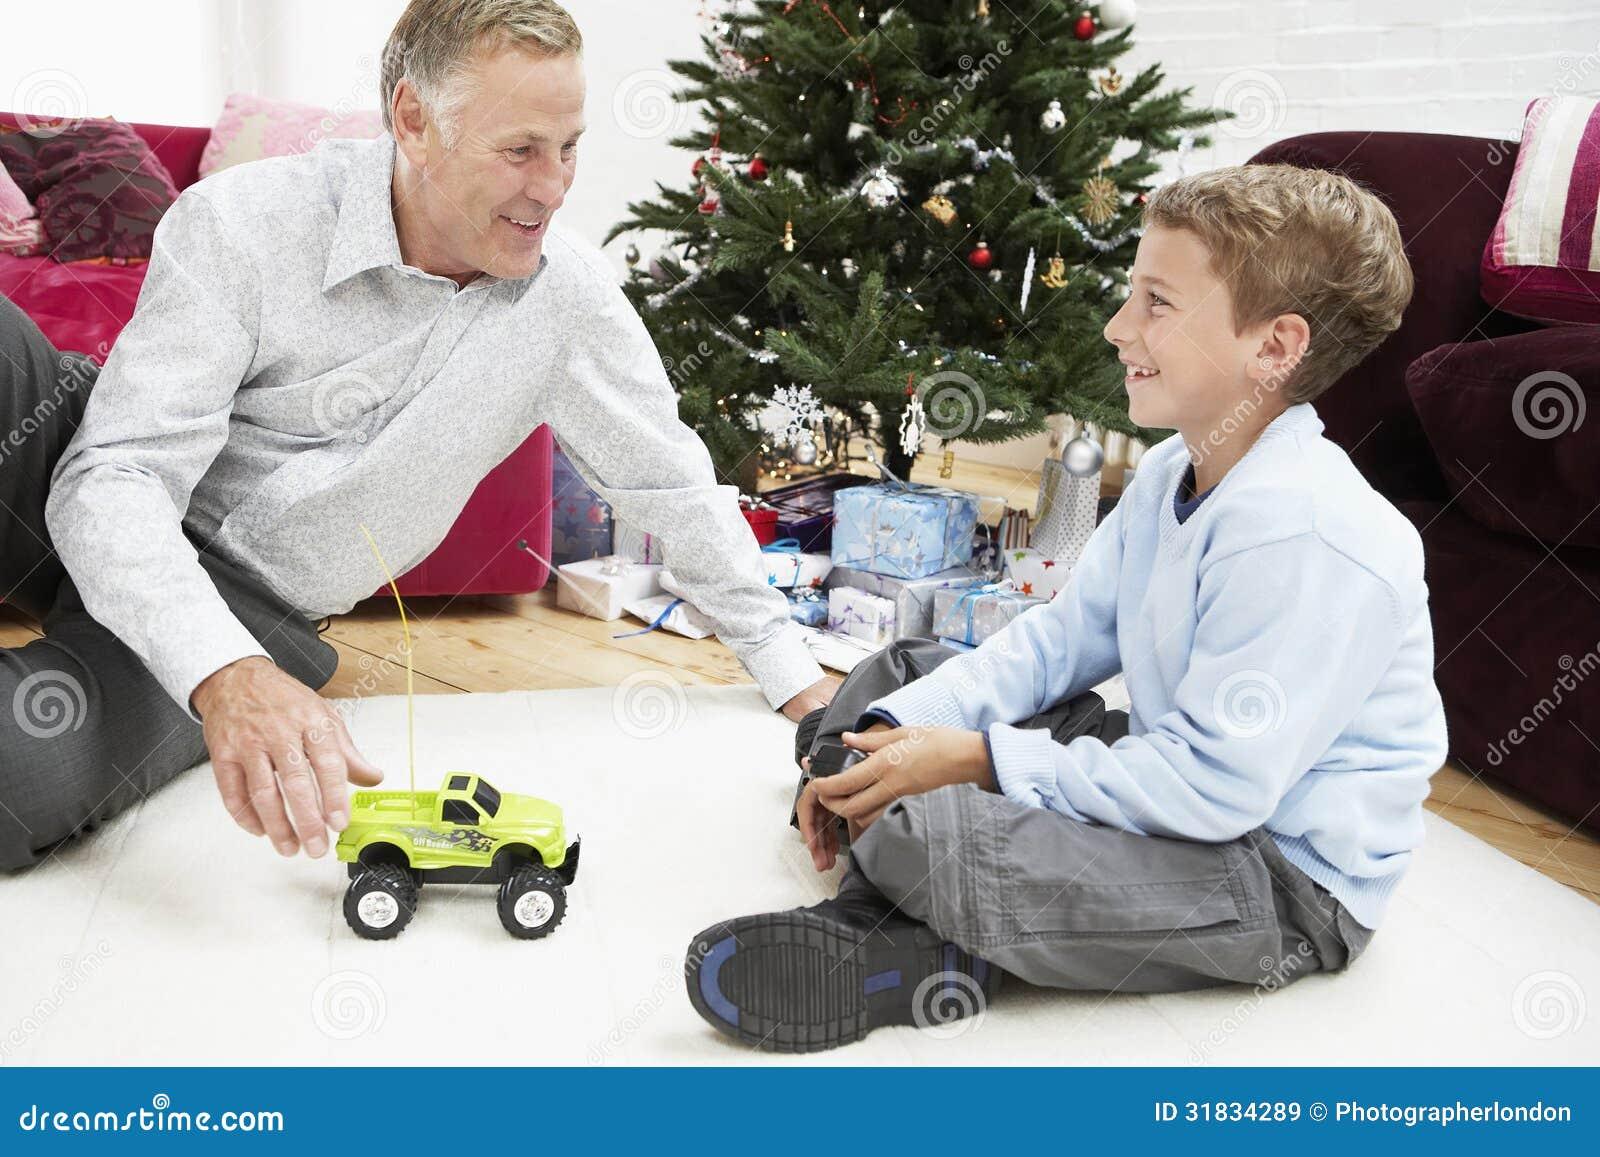 Holiday Living Christmas Tree